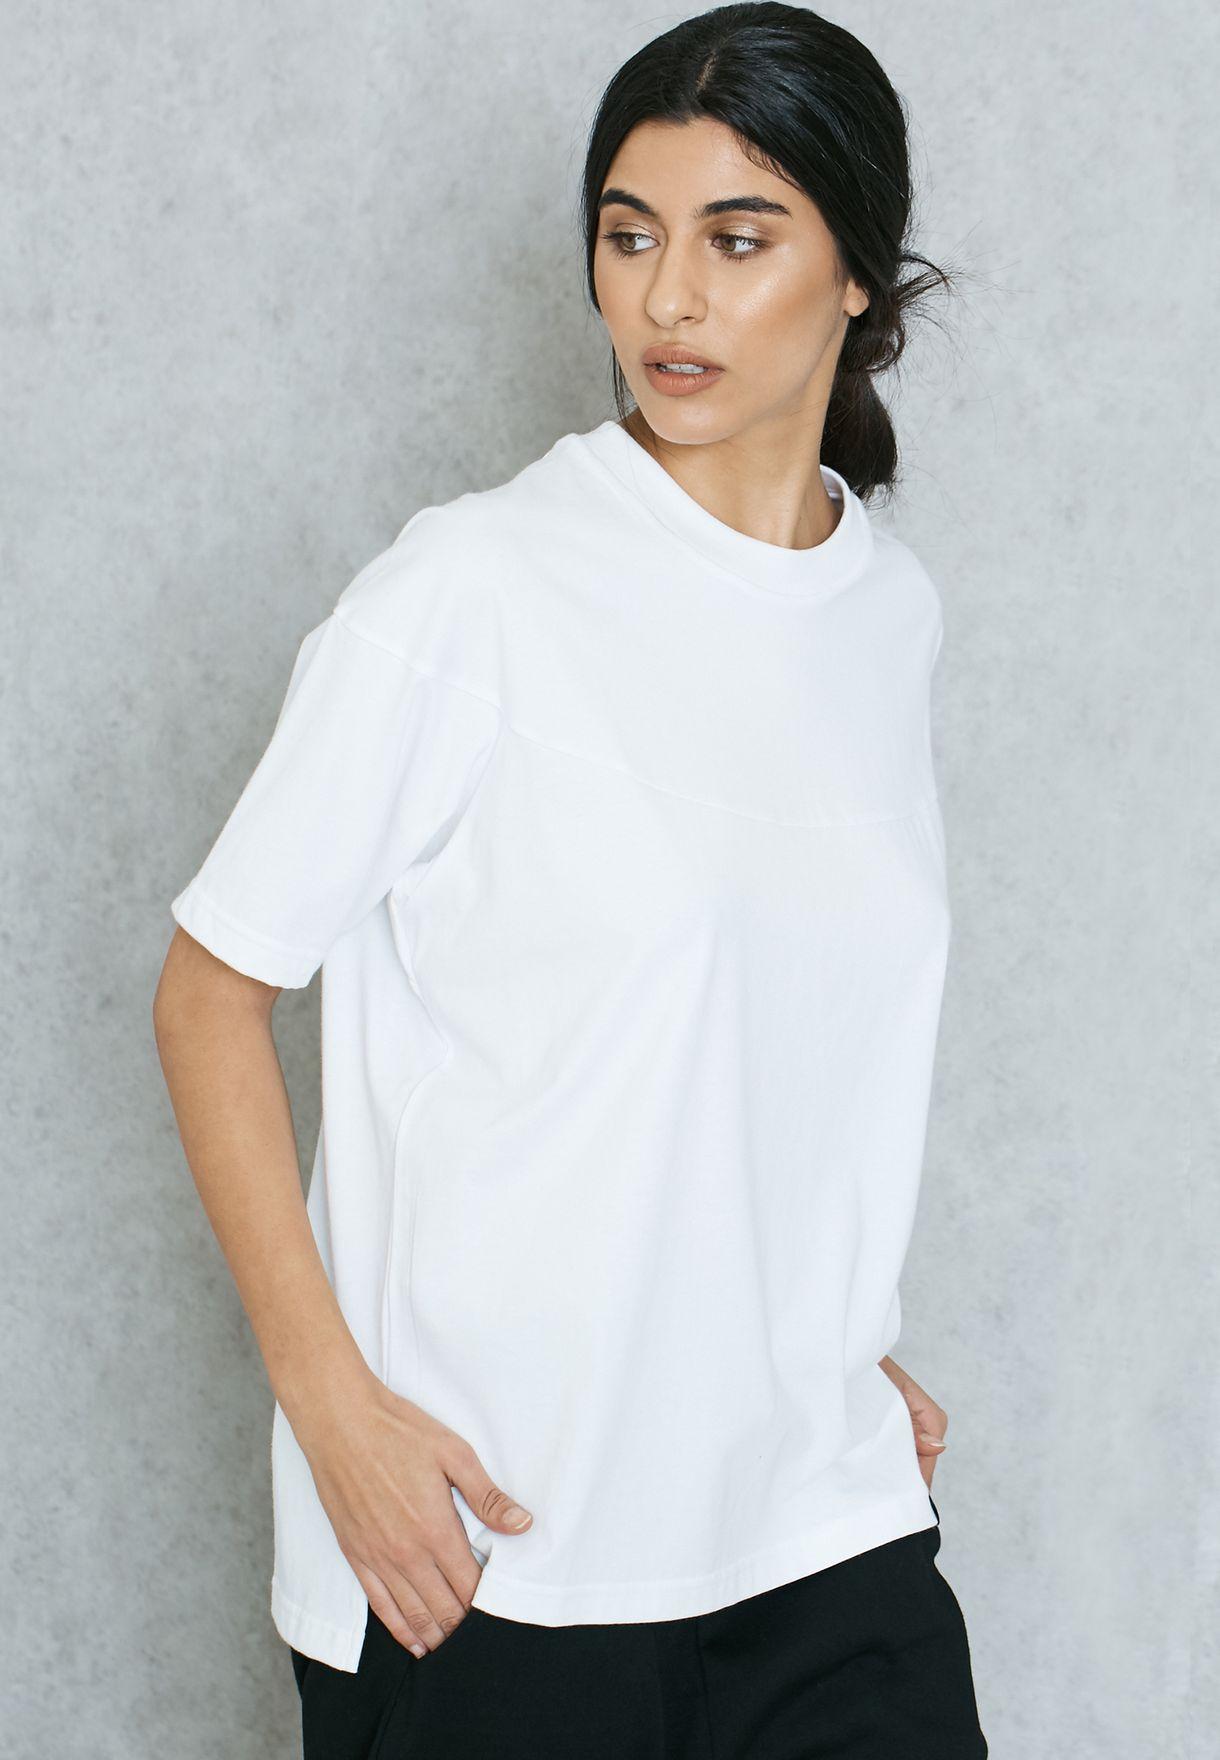 Tienda adidas Originals blanco xbyo t shirt bk2299 para las mujeres en Kuwait